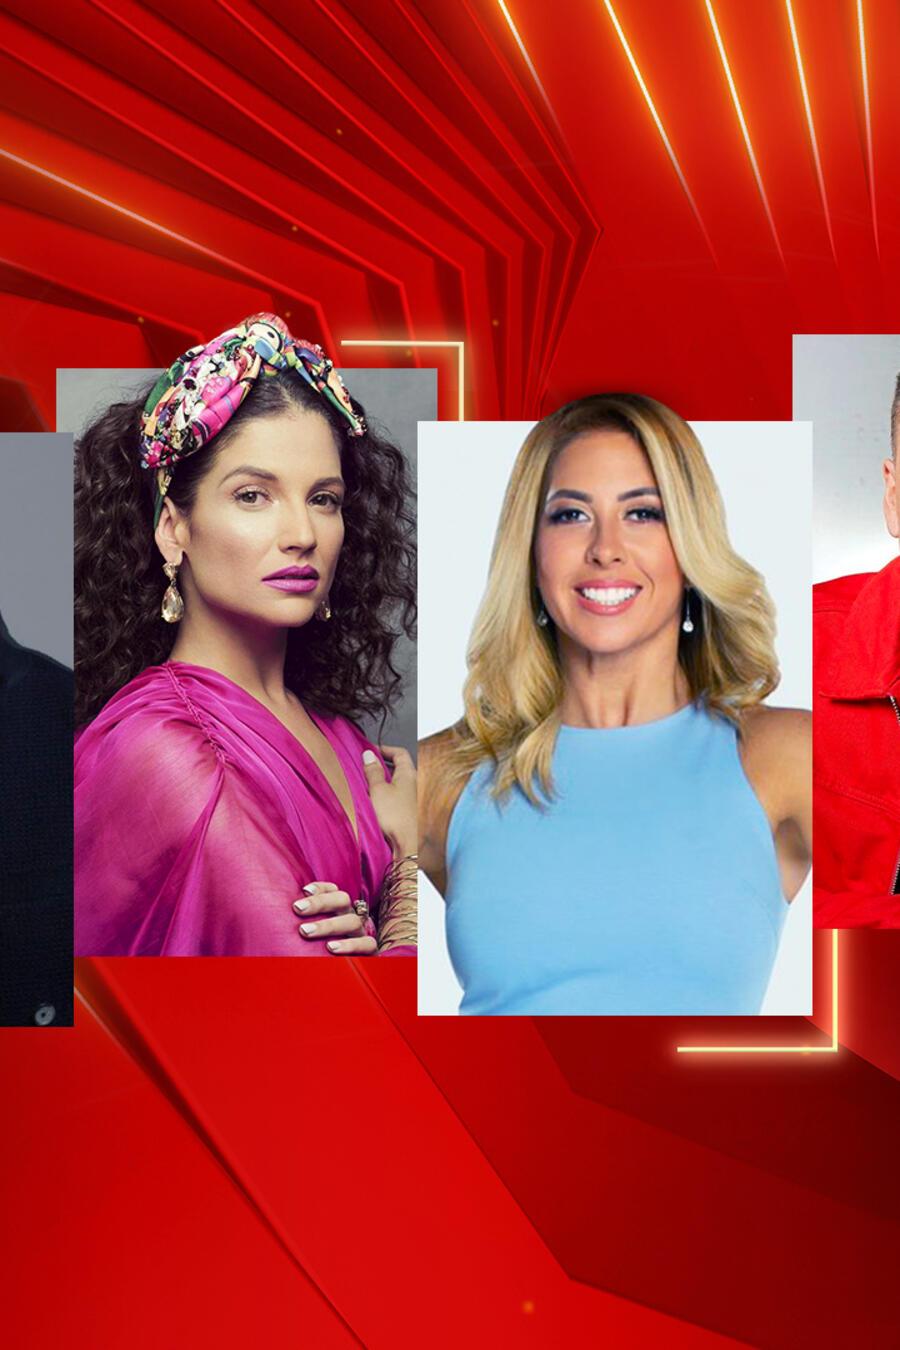 Telemundo anunció tres especiales de televisión en torno a los Premios Billboard